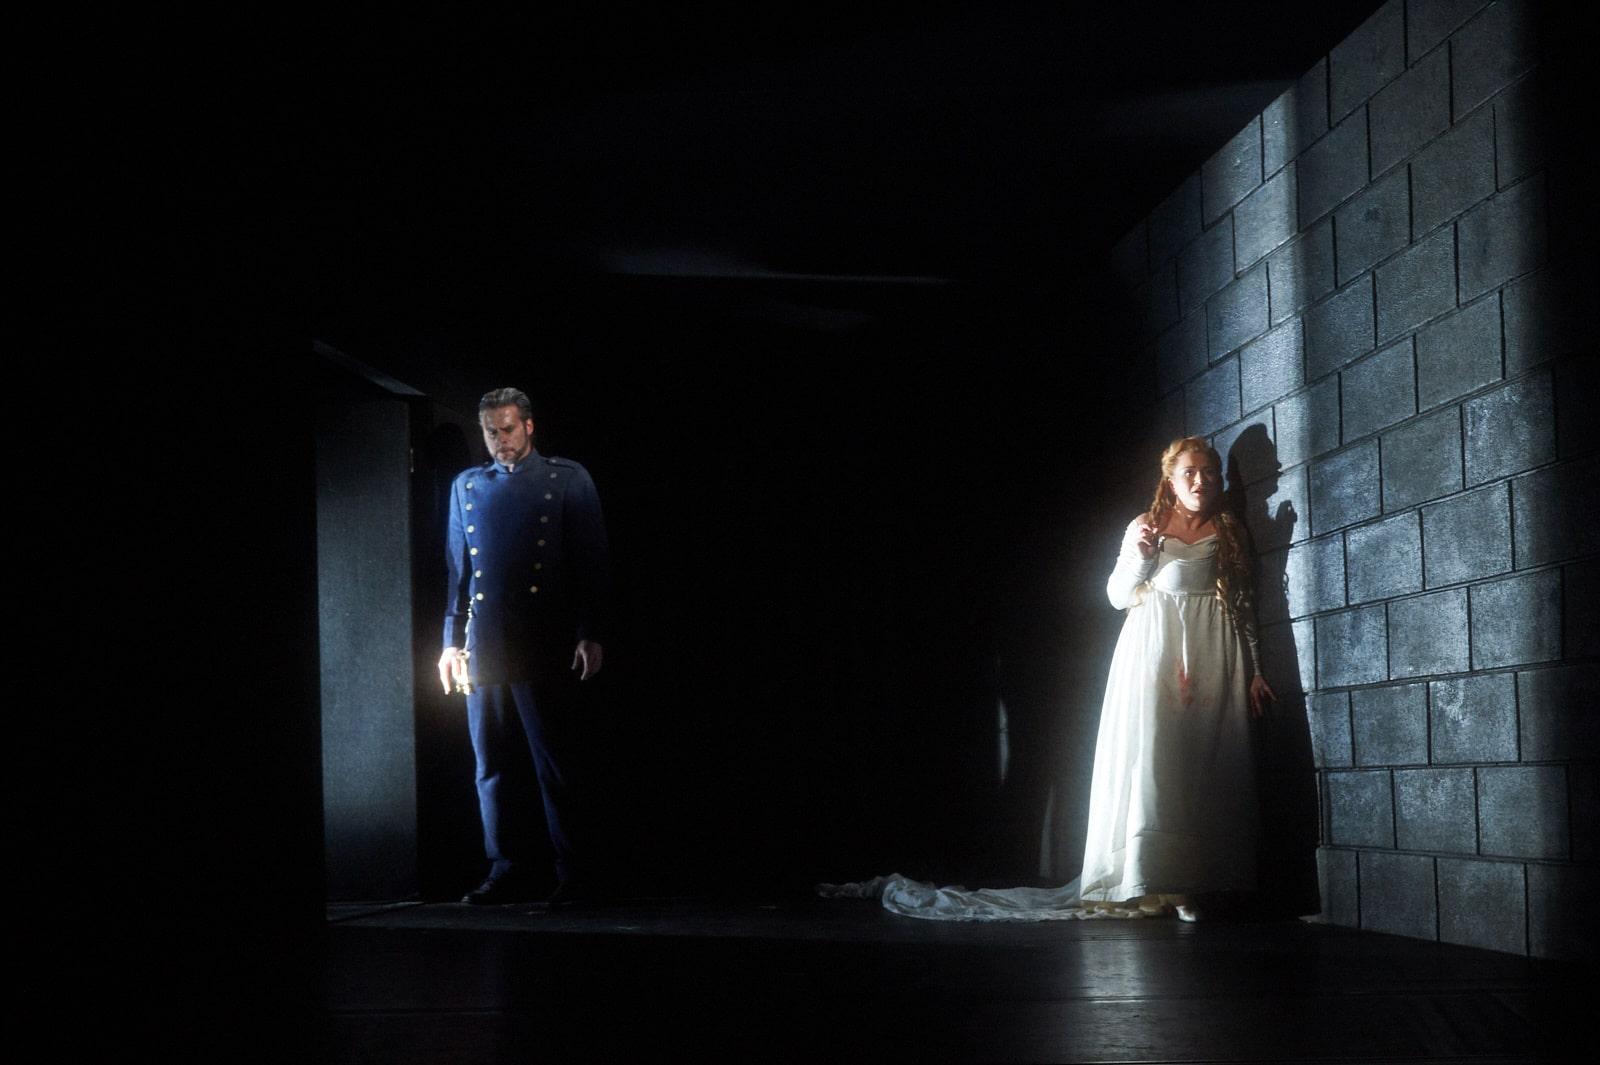 Bride leans against dark brick wall as blue uniformed man broods in doorway lit by shaft of light.